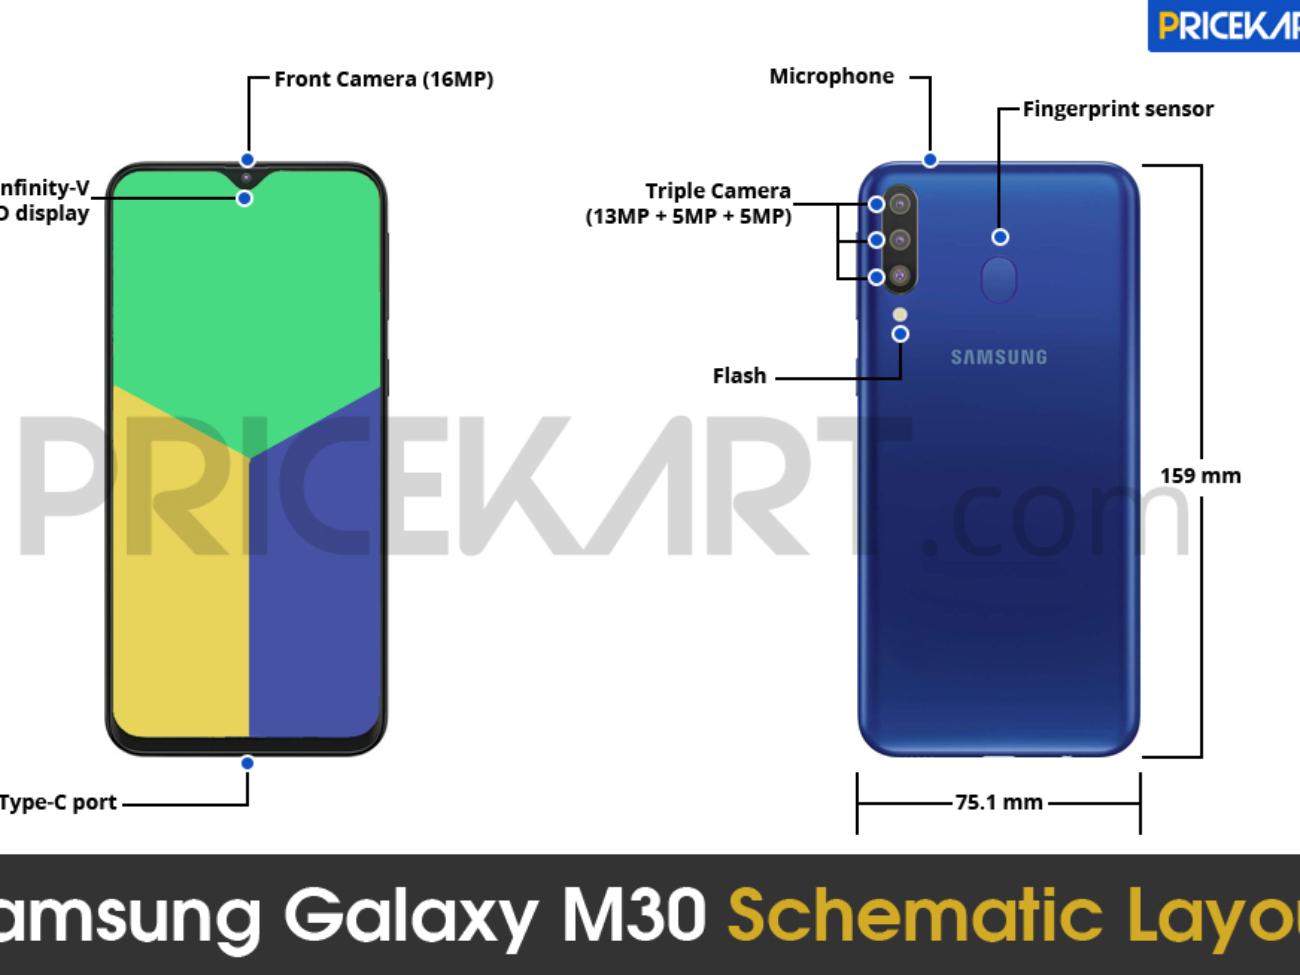 Samsung-Galaxy-M30-Specifications-Schematics-Surface-Online